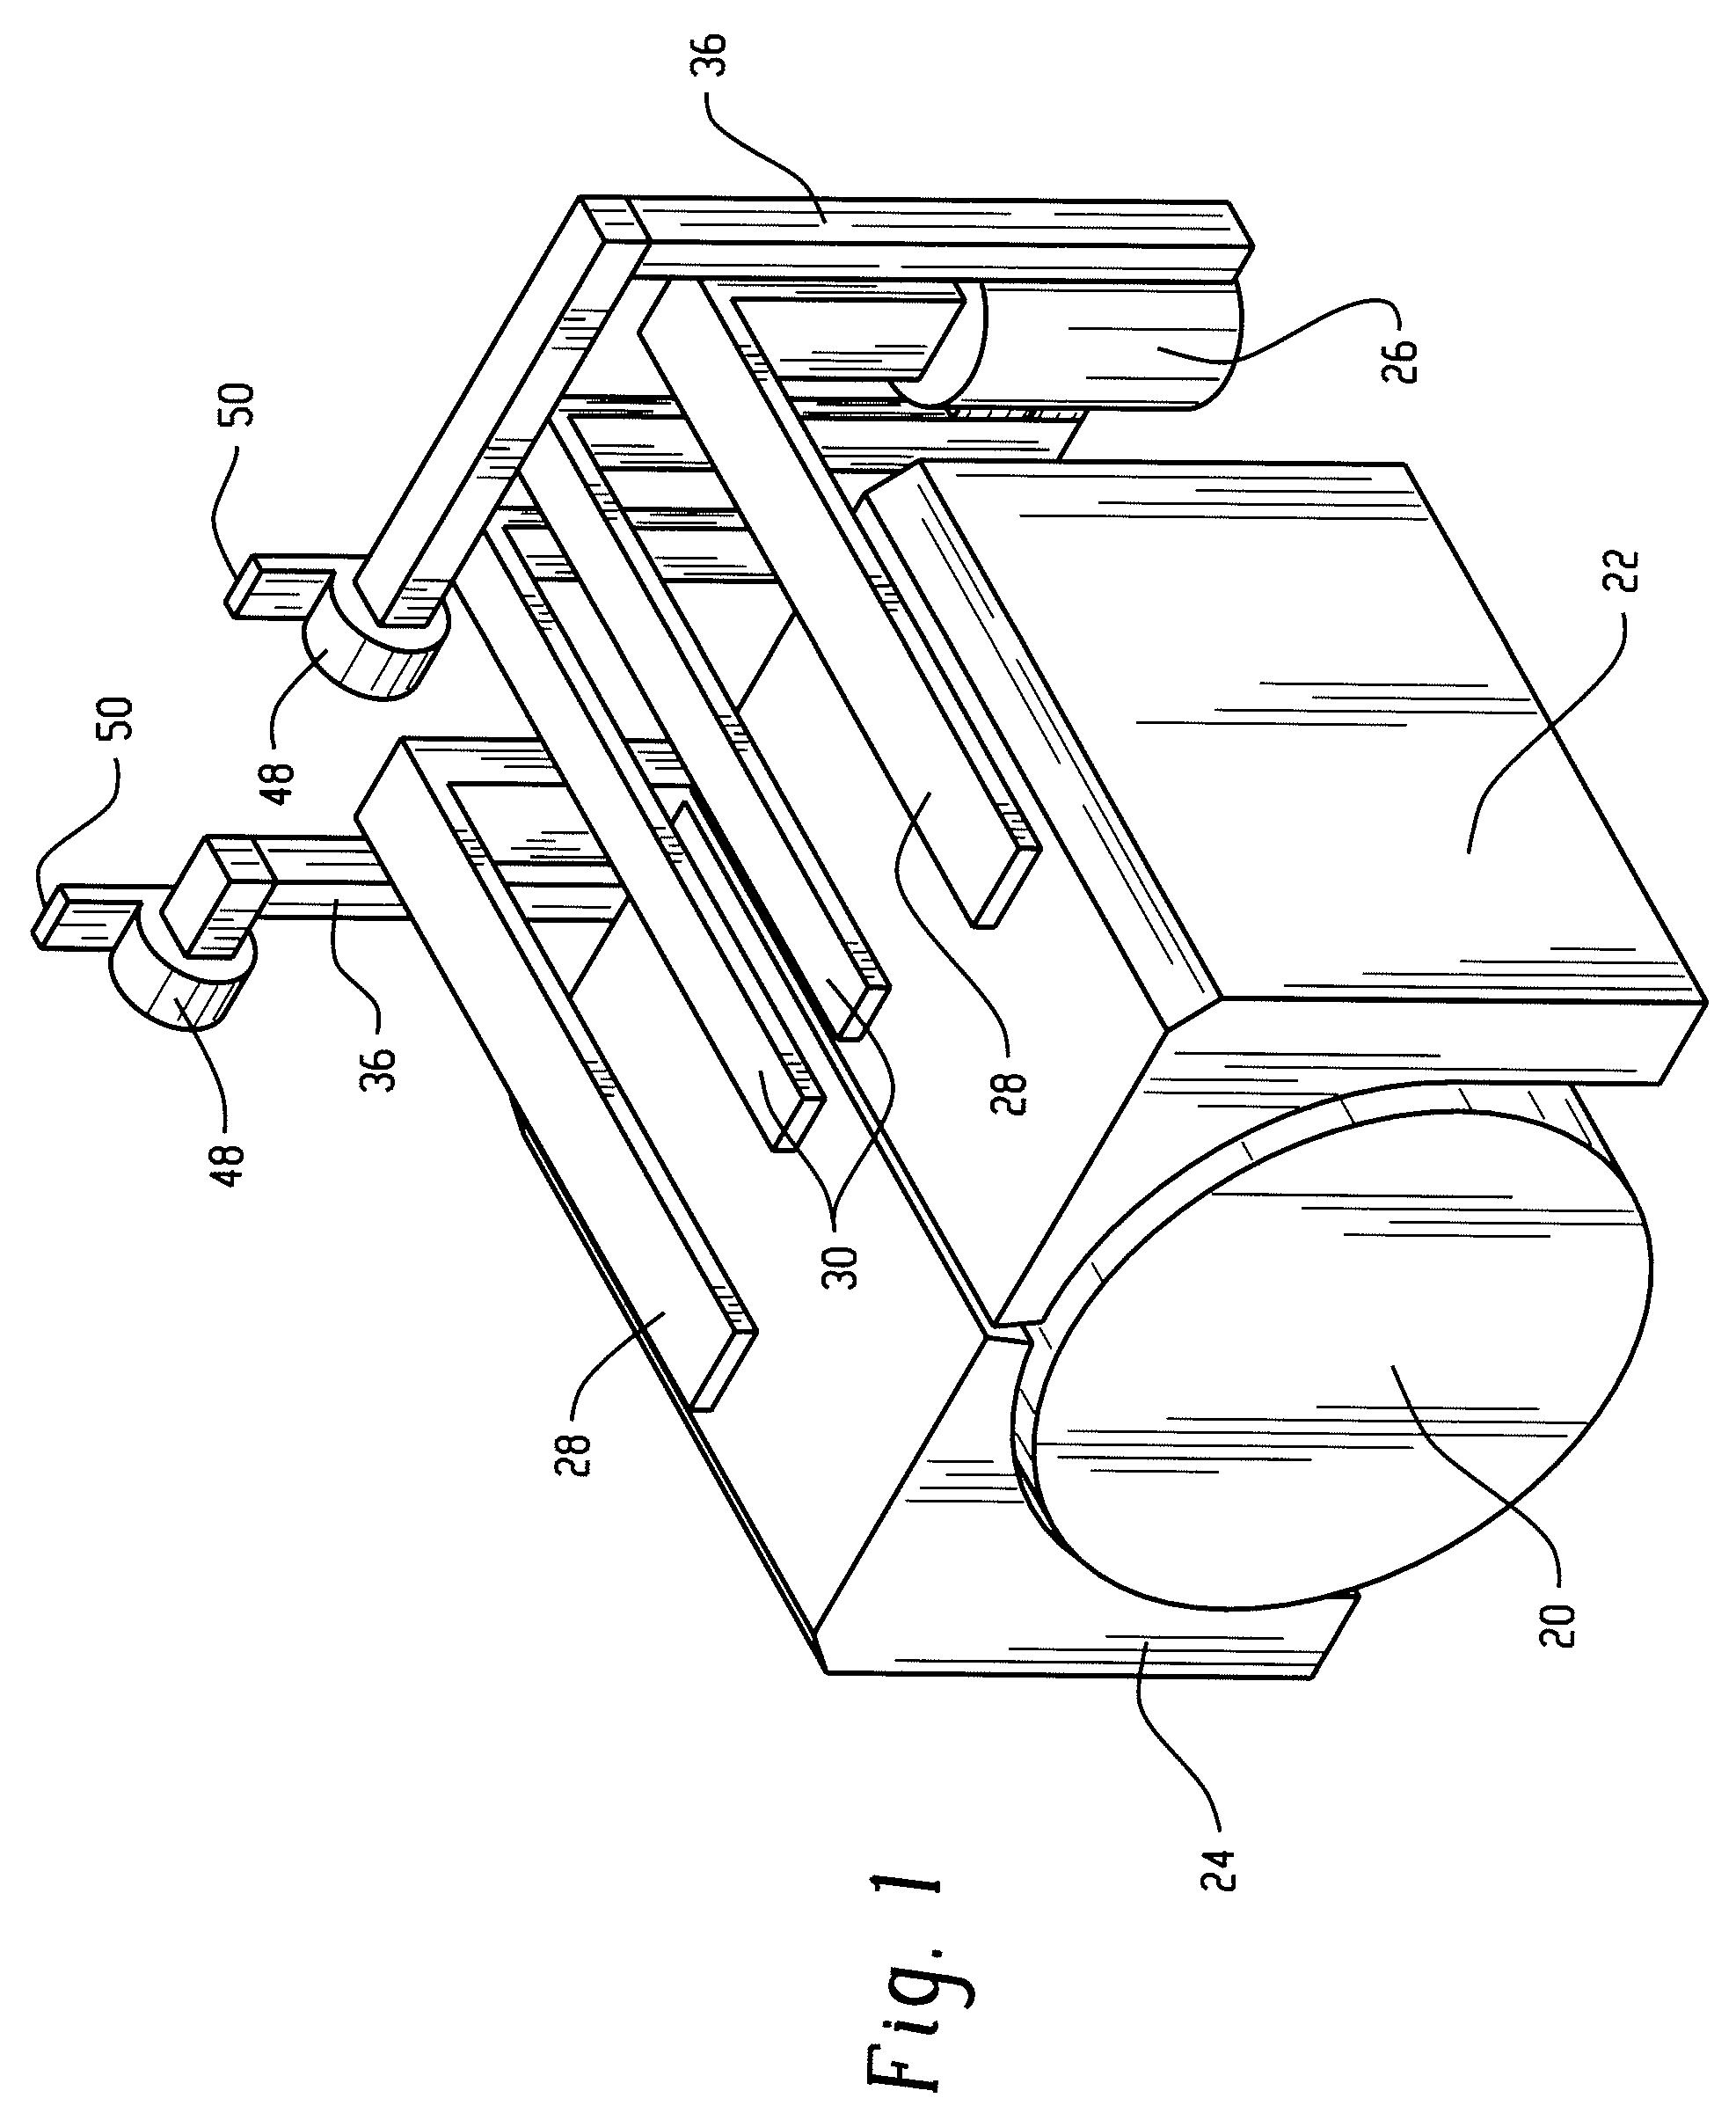 patent us8132338